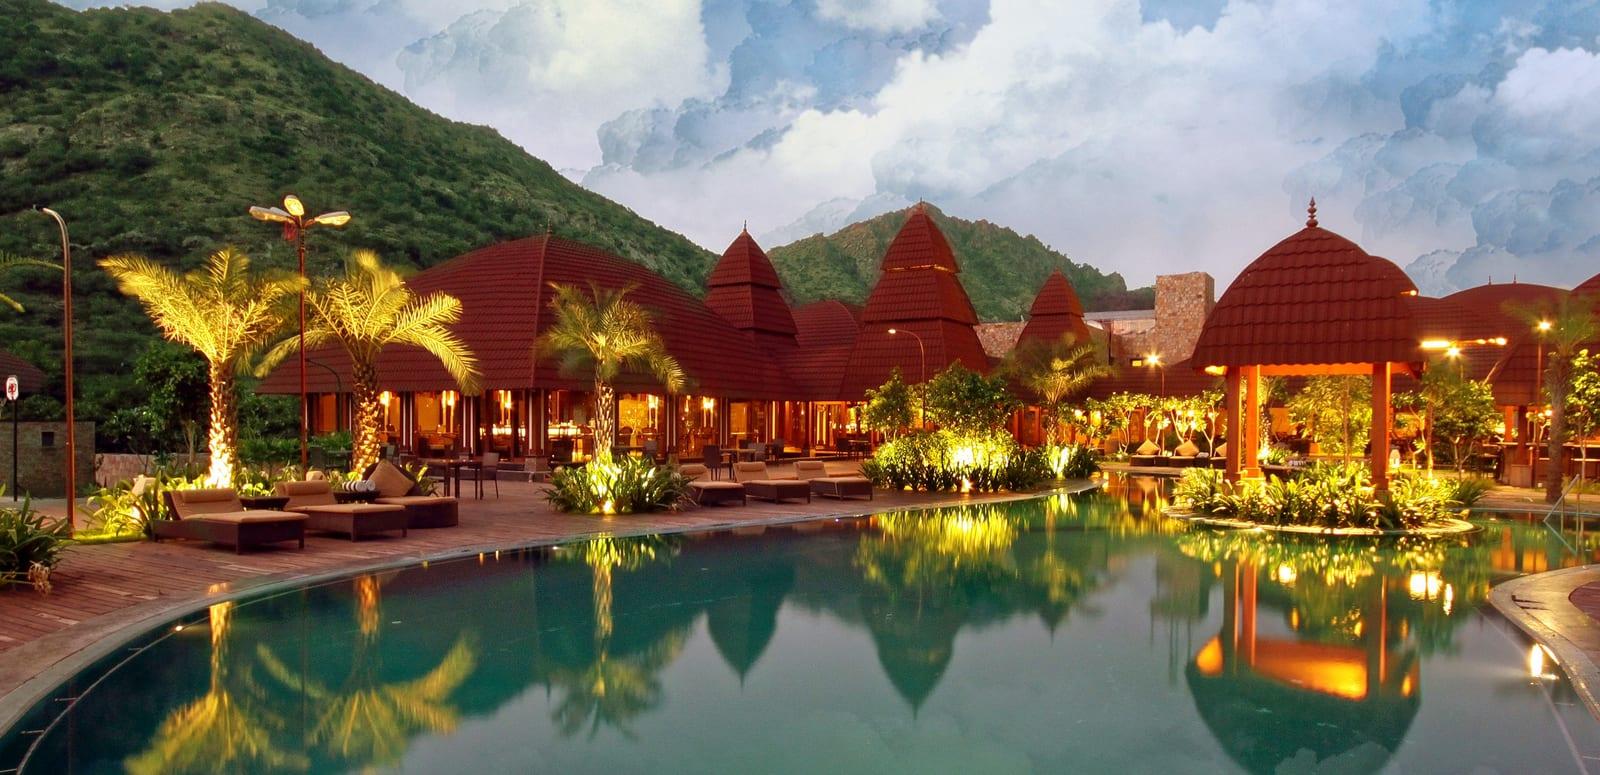 Resort in panchgani